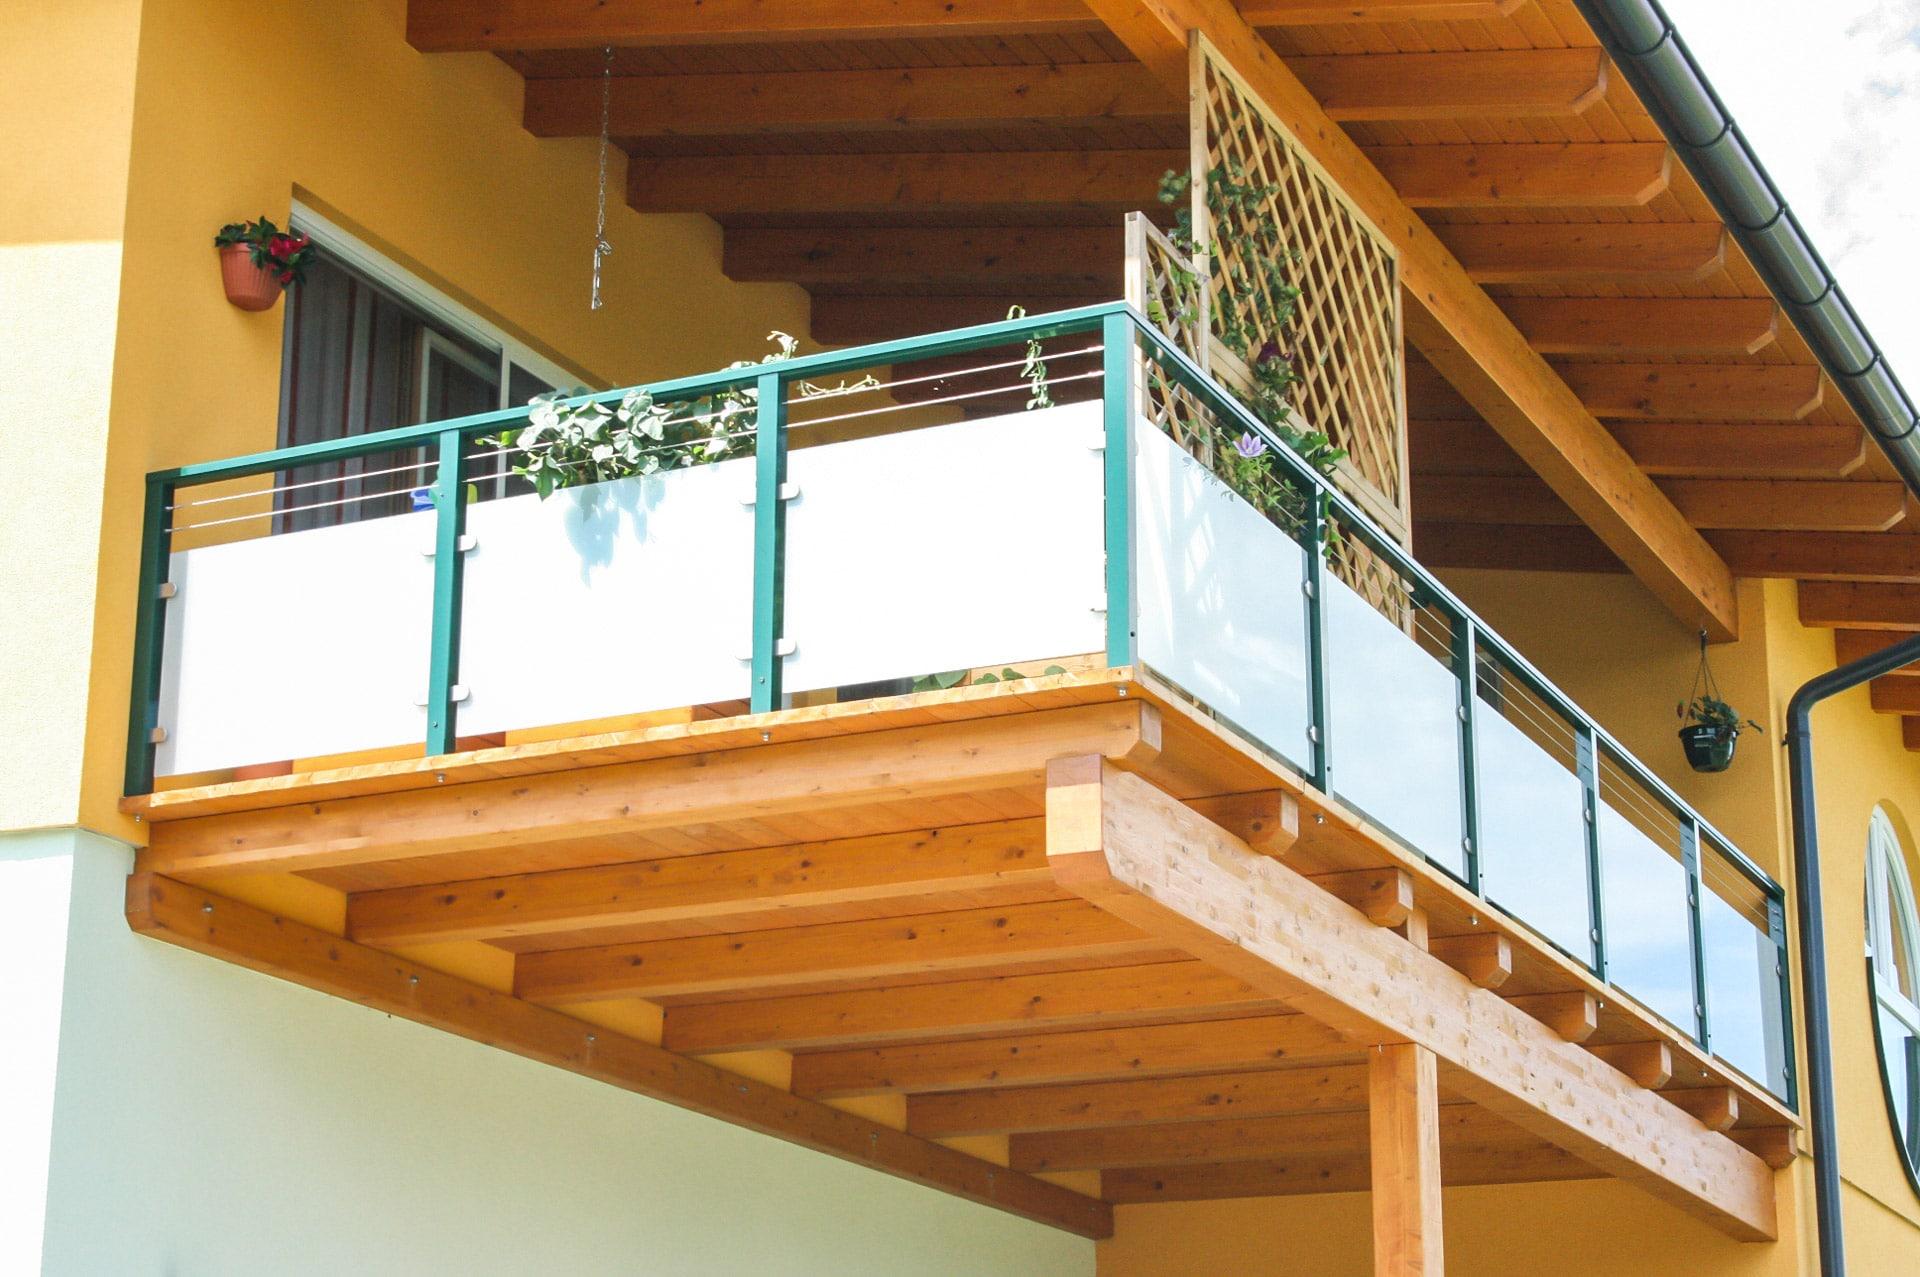 Mödling 08 b | Grünes Alu Außengeländer mit Glas gefüllt und zwei Niro-Seilen als Dekor | Svoboda